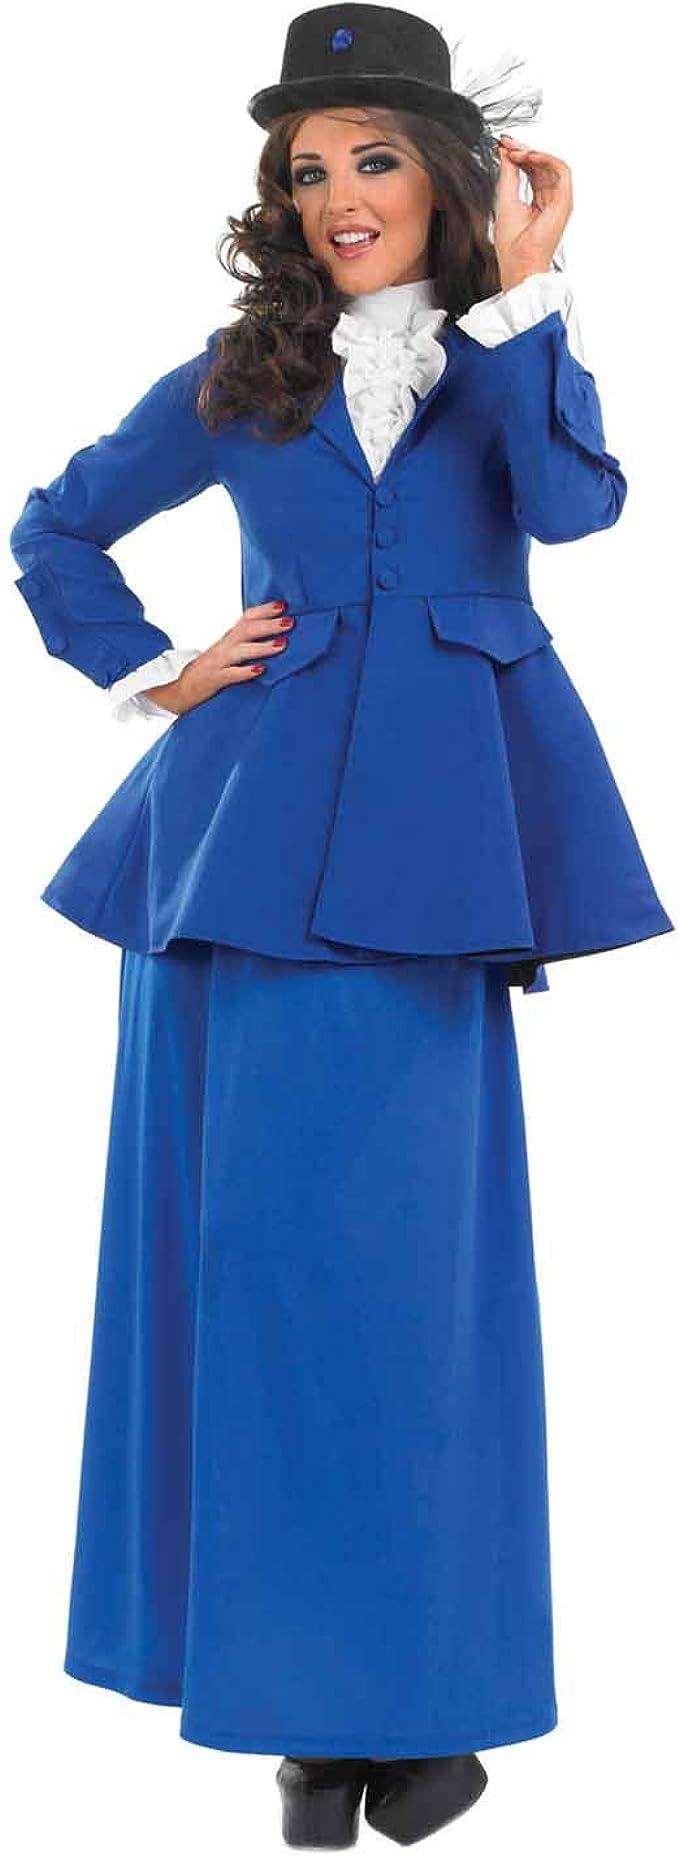 Amazon.com: Fun Shack - Disfraz de mujer victoriana para ...